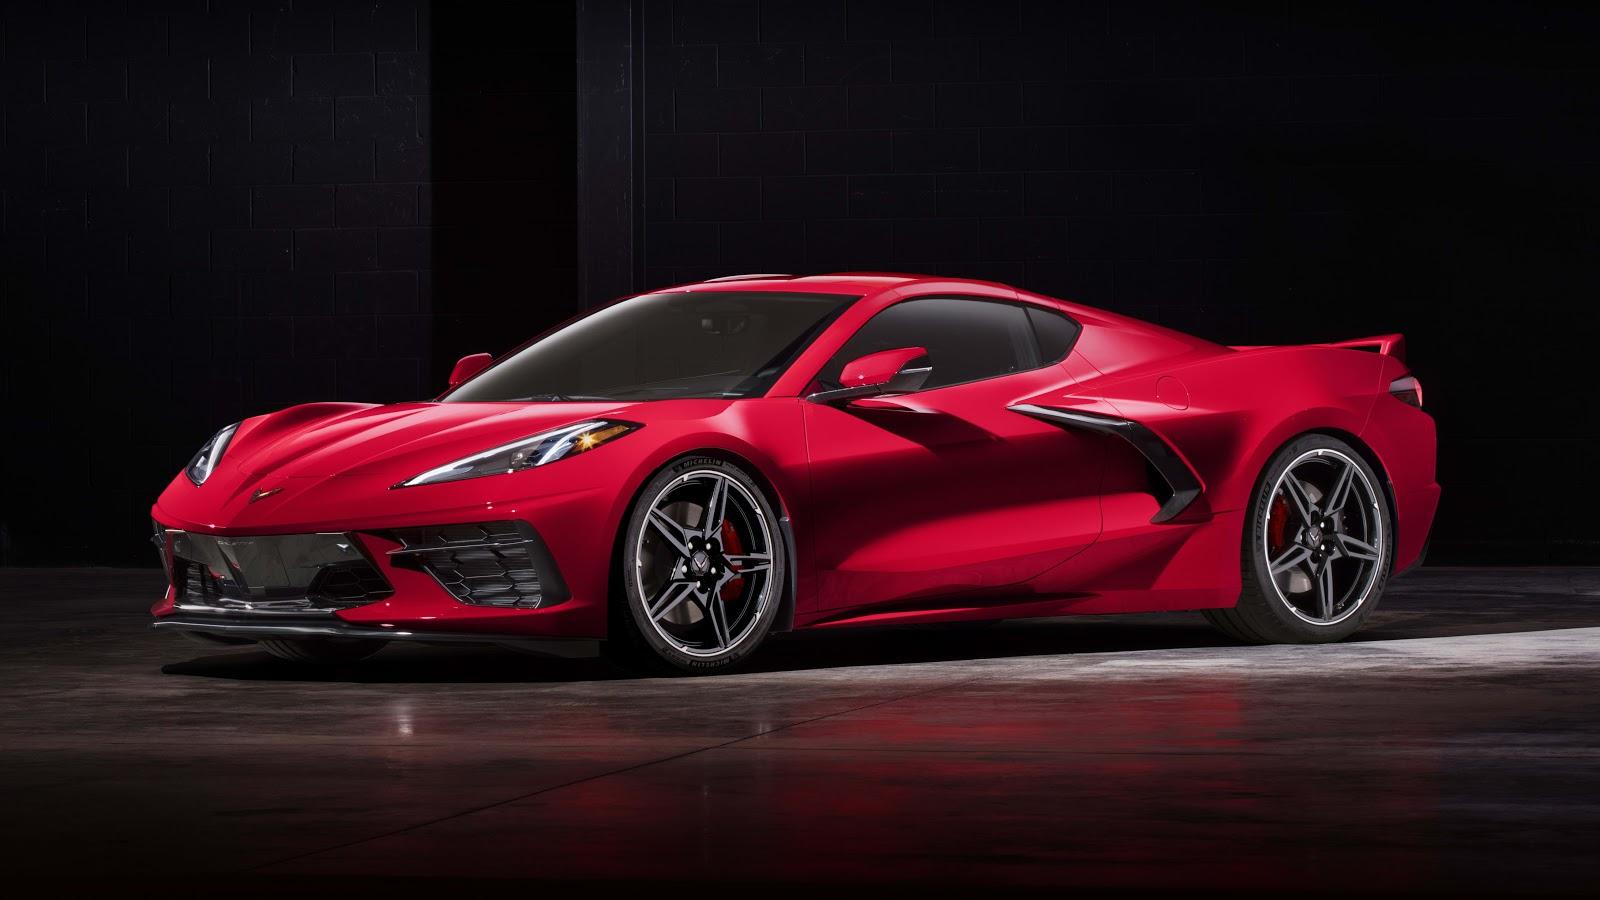 Red C8 Corvette